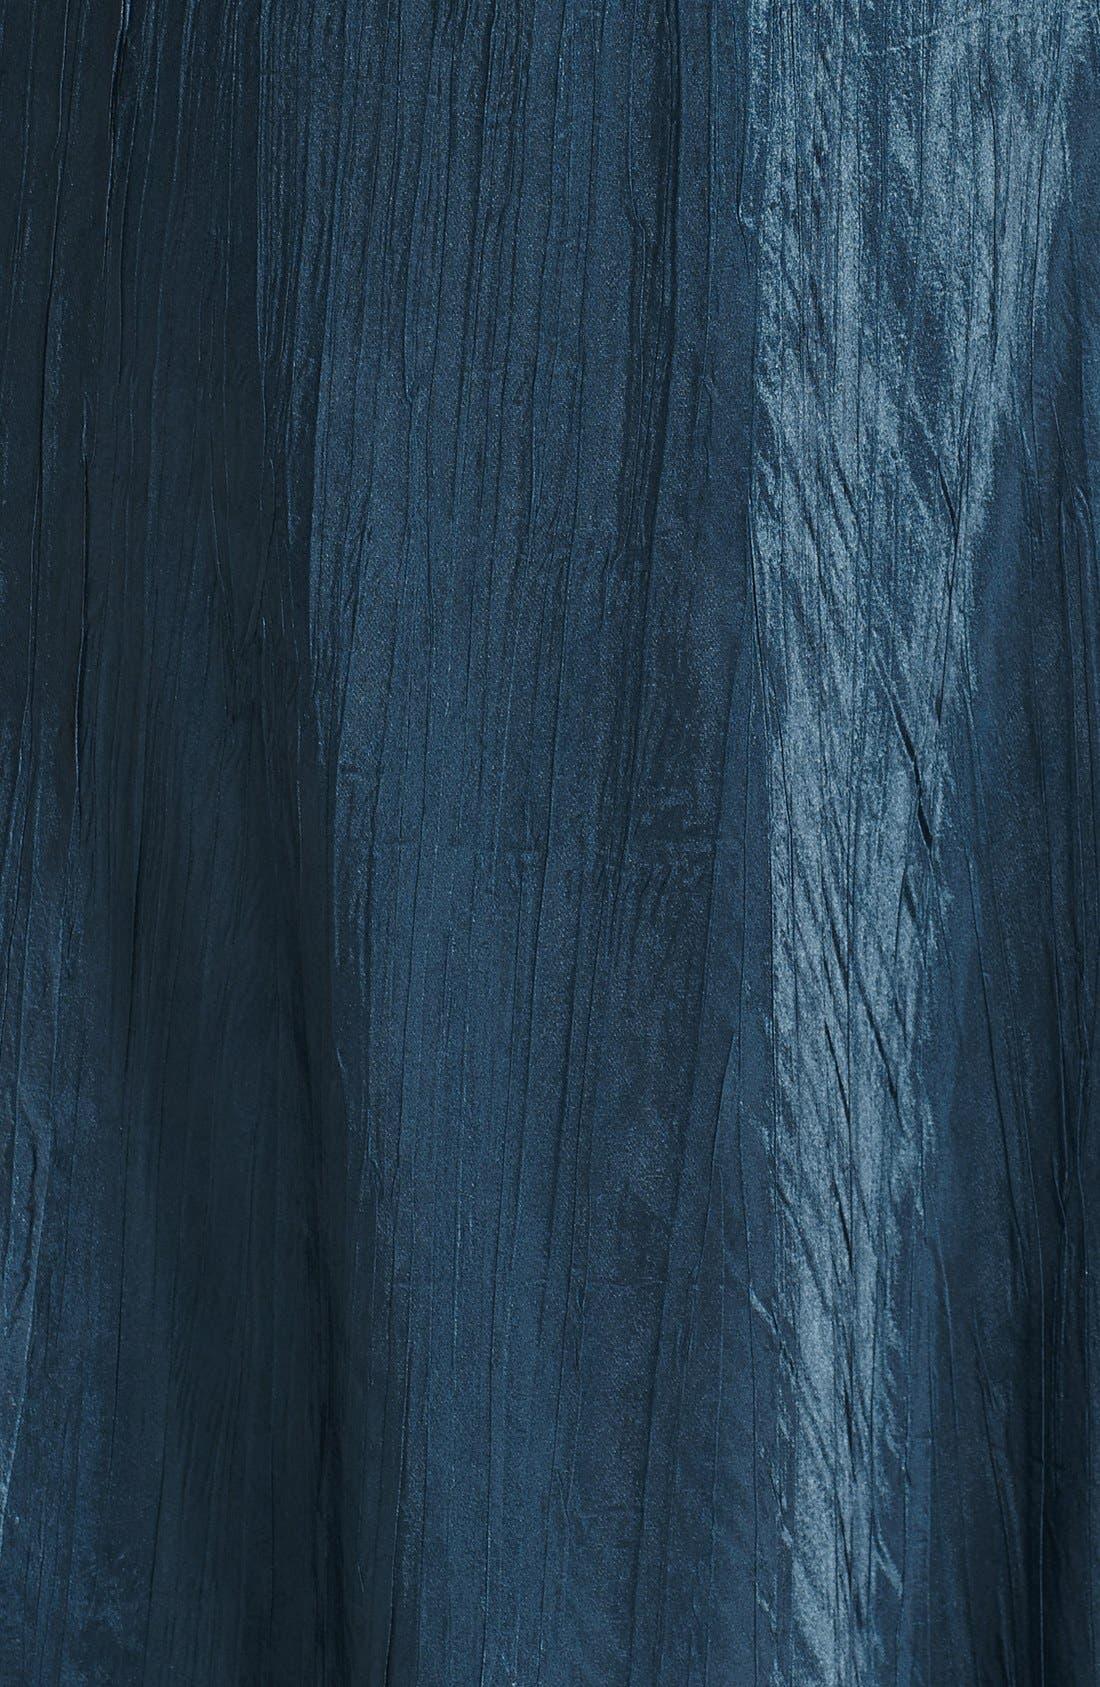 Alternate Image 4  - Komarov Embellished Charmeuse Dress & Chiffon Jacket (Plus Size)